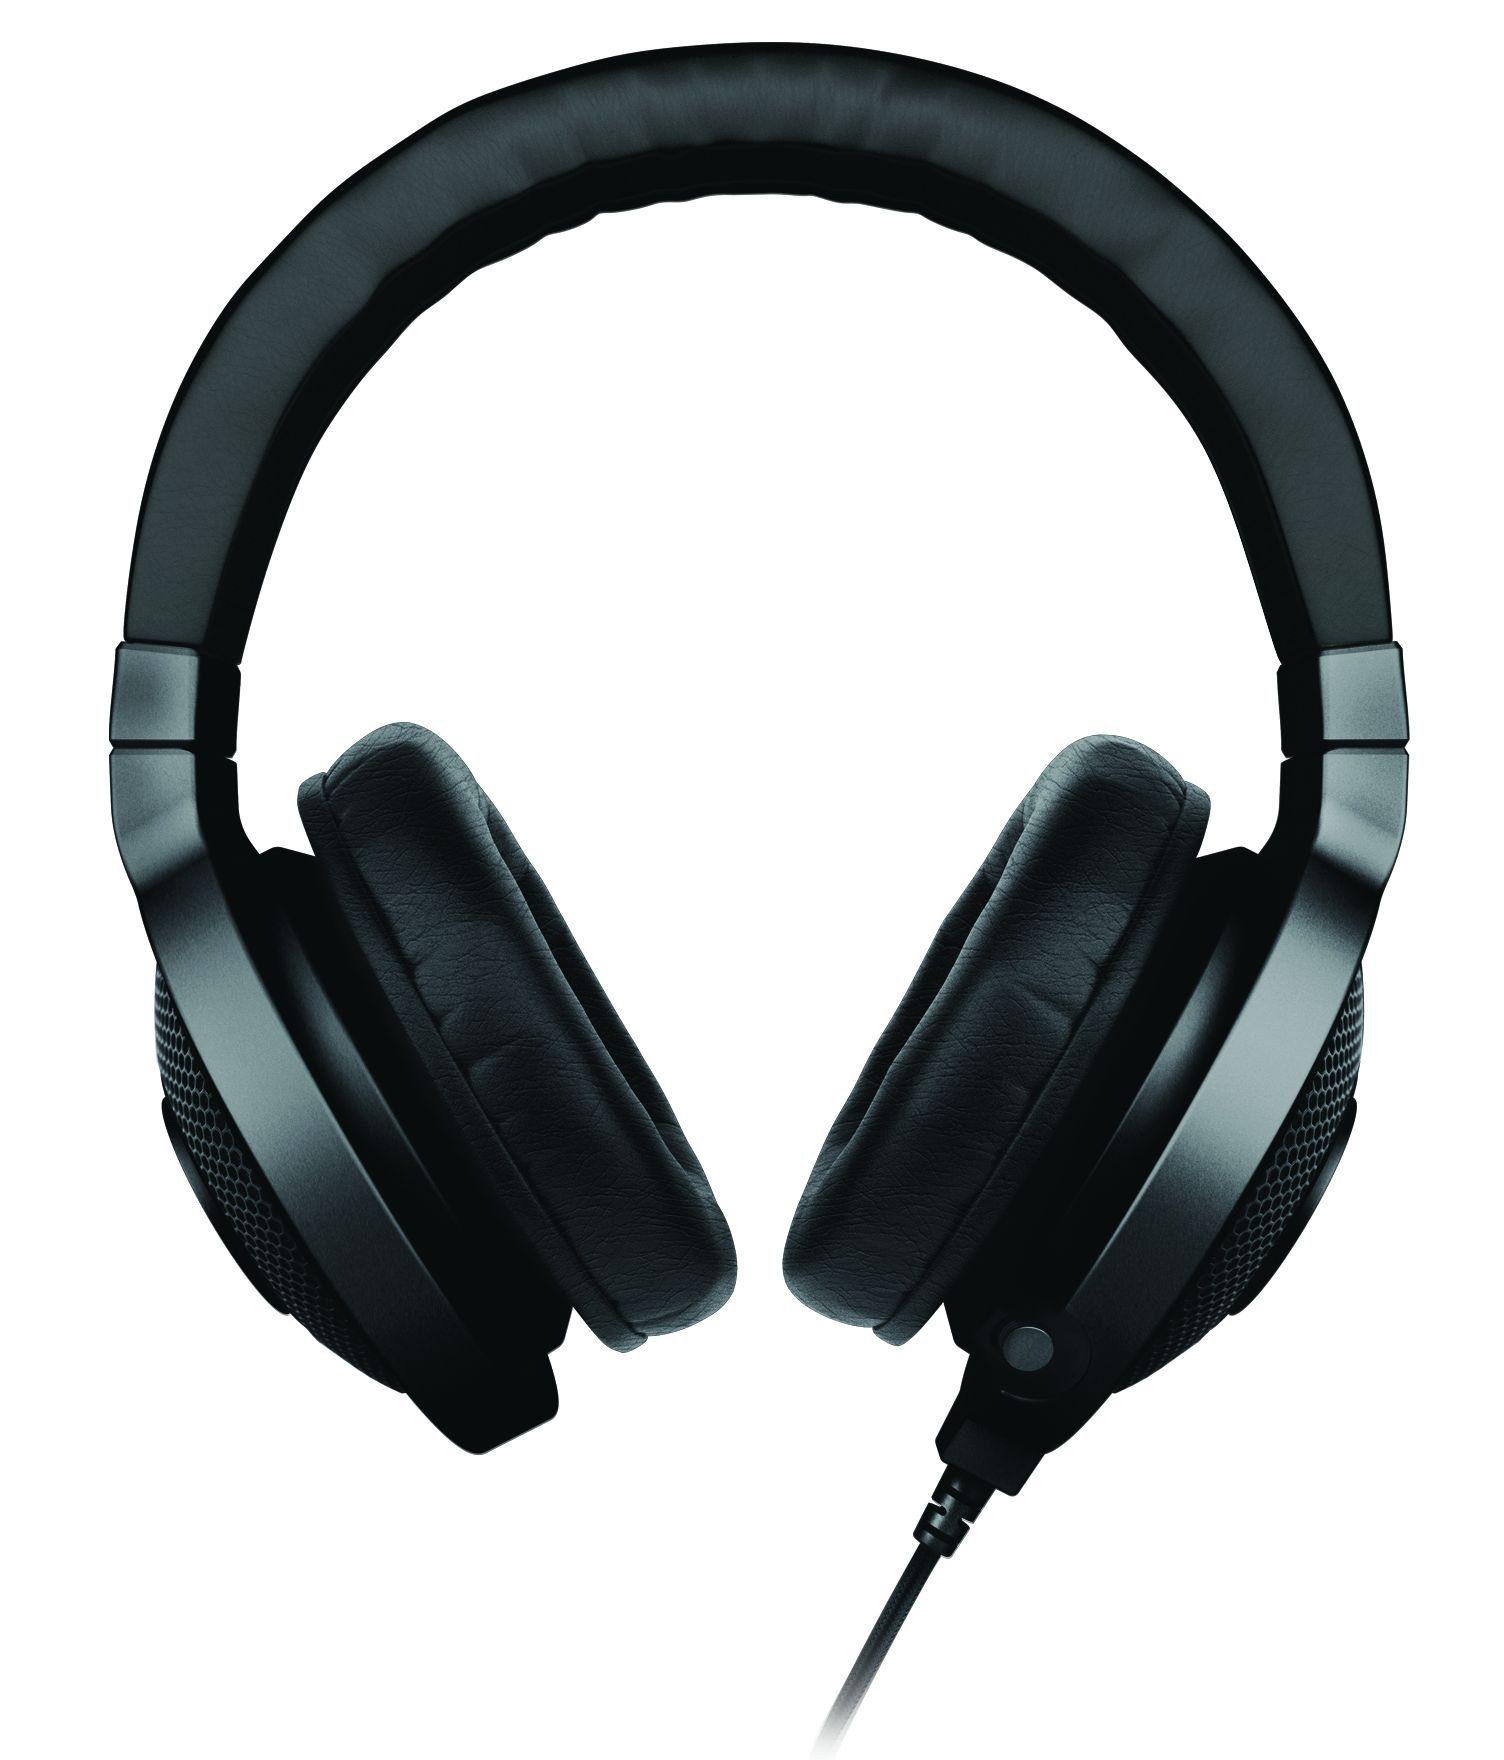 RAZER Gaming Headset »Kraken 7.1 Chroma«